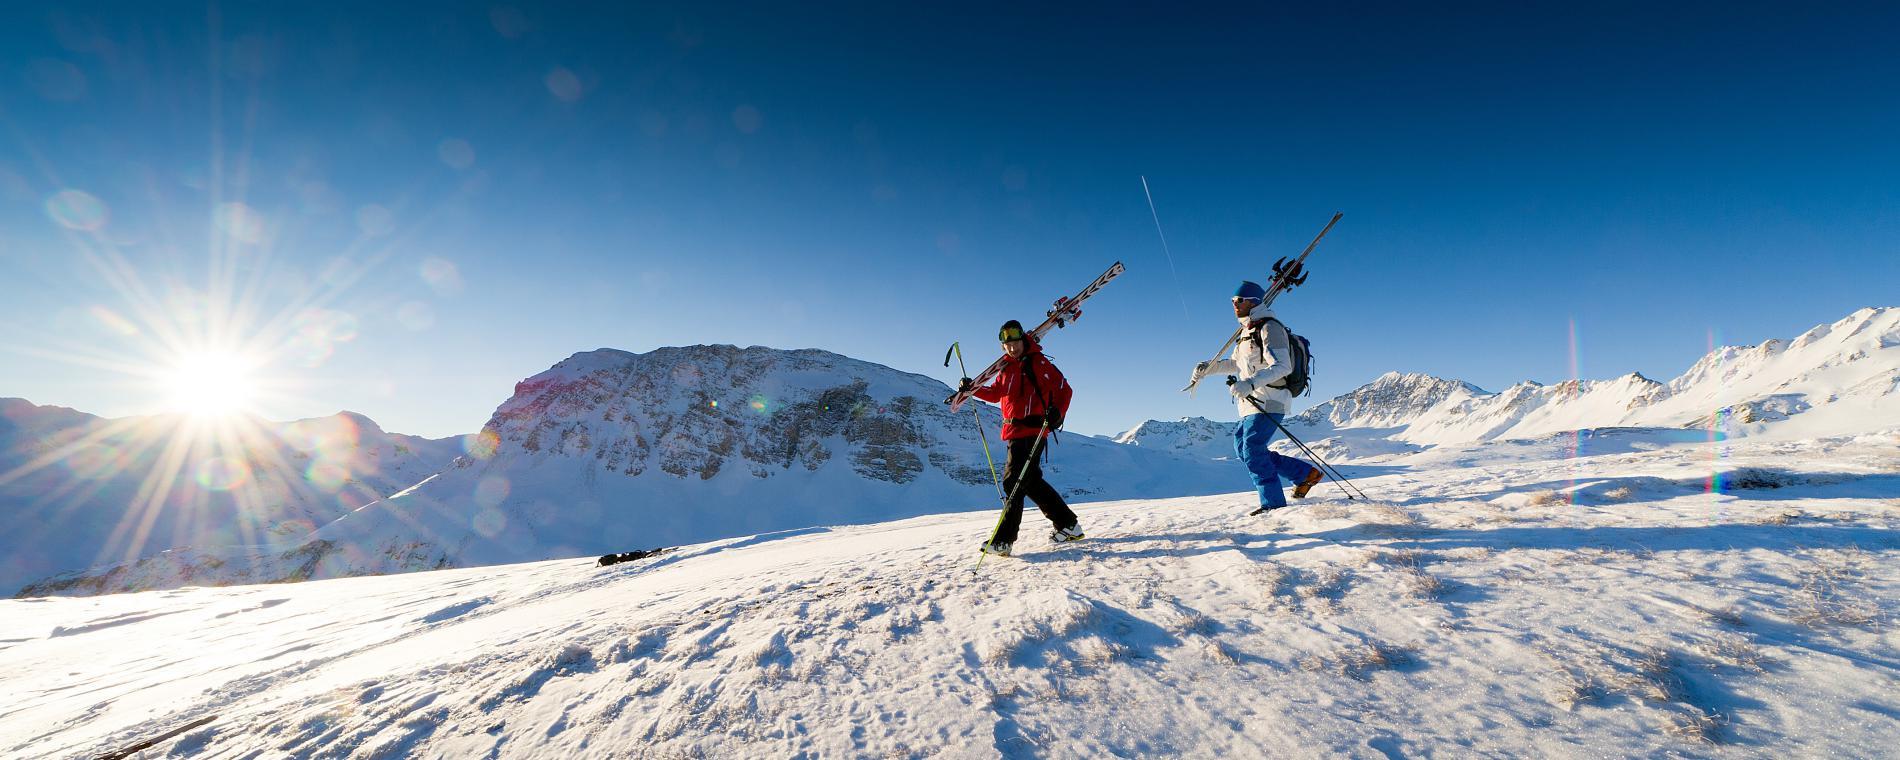 Het franse skigebied val d'isere lijkt over alles te beschikken, een prachtig skigebied, een charmant dorp en ...